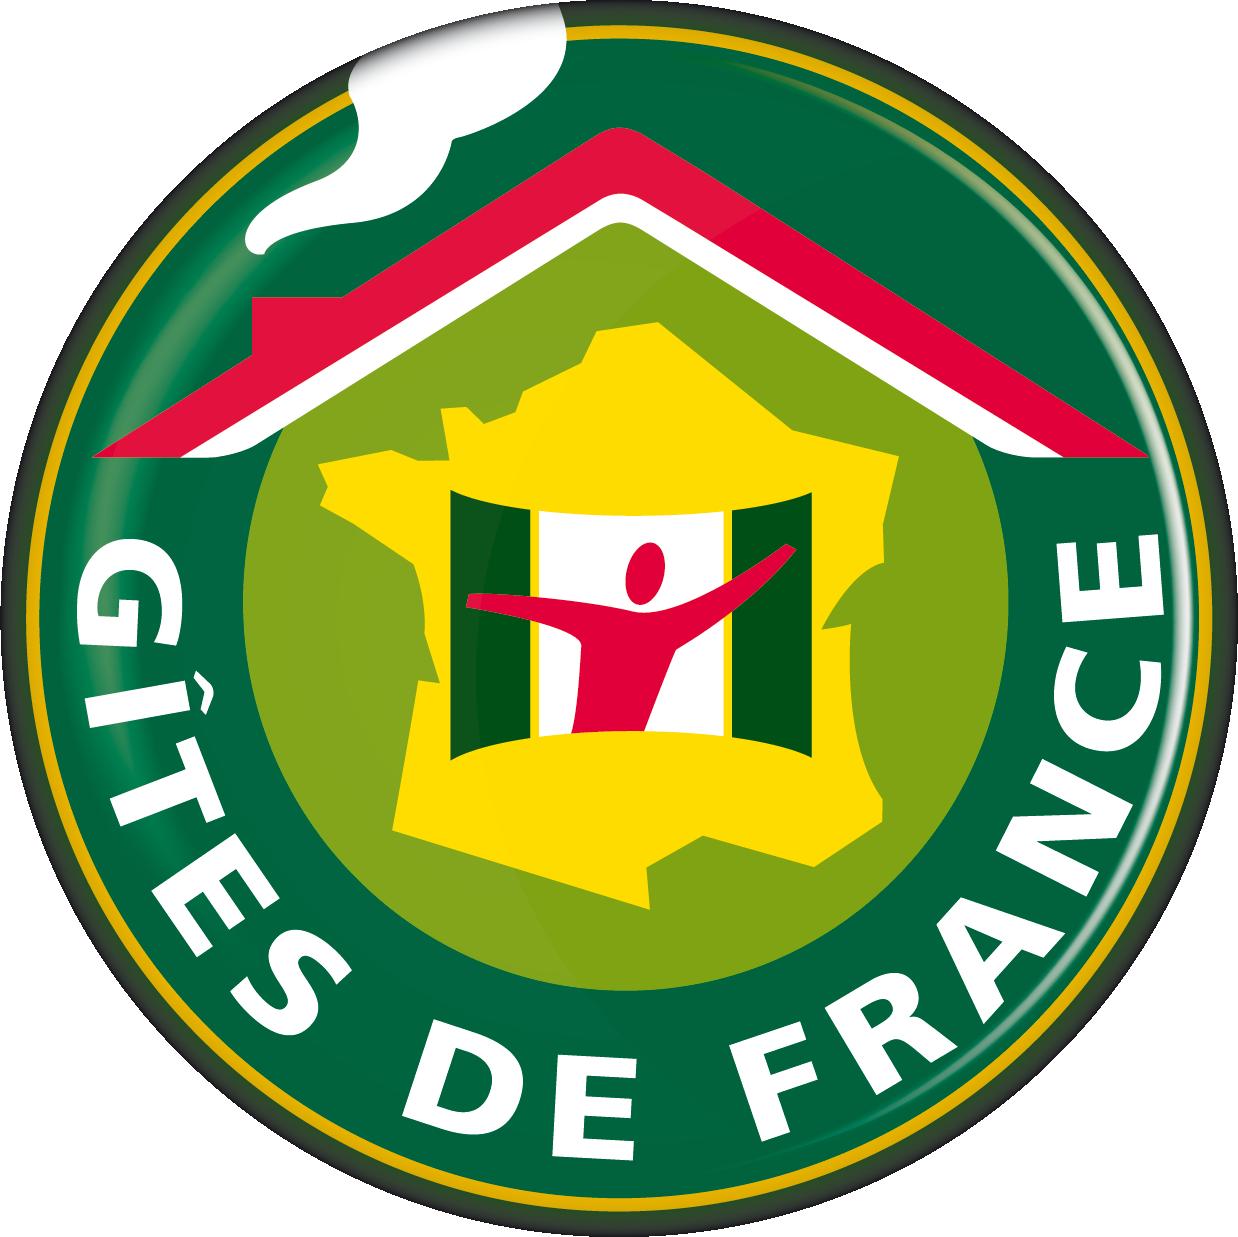 Avis des clients du gîte du Porche sur le site des Gîtes de France